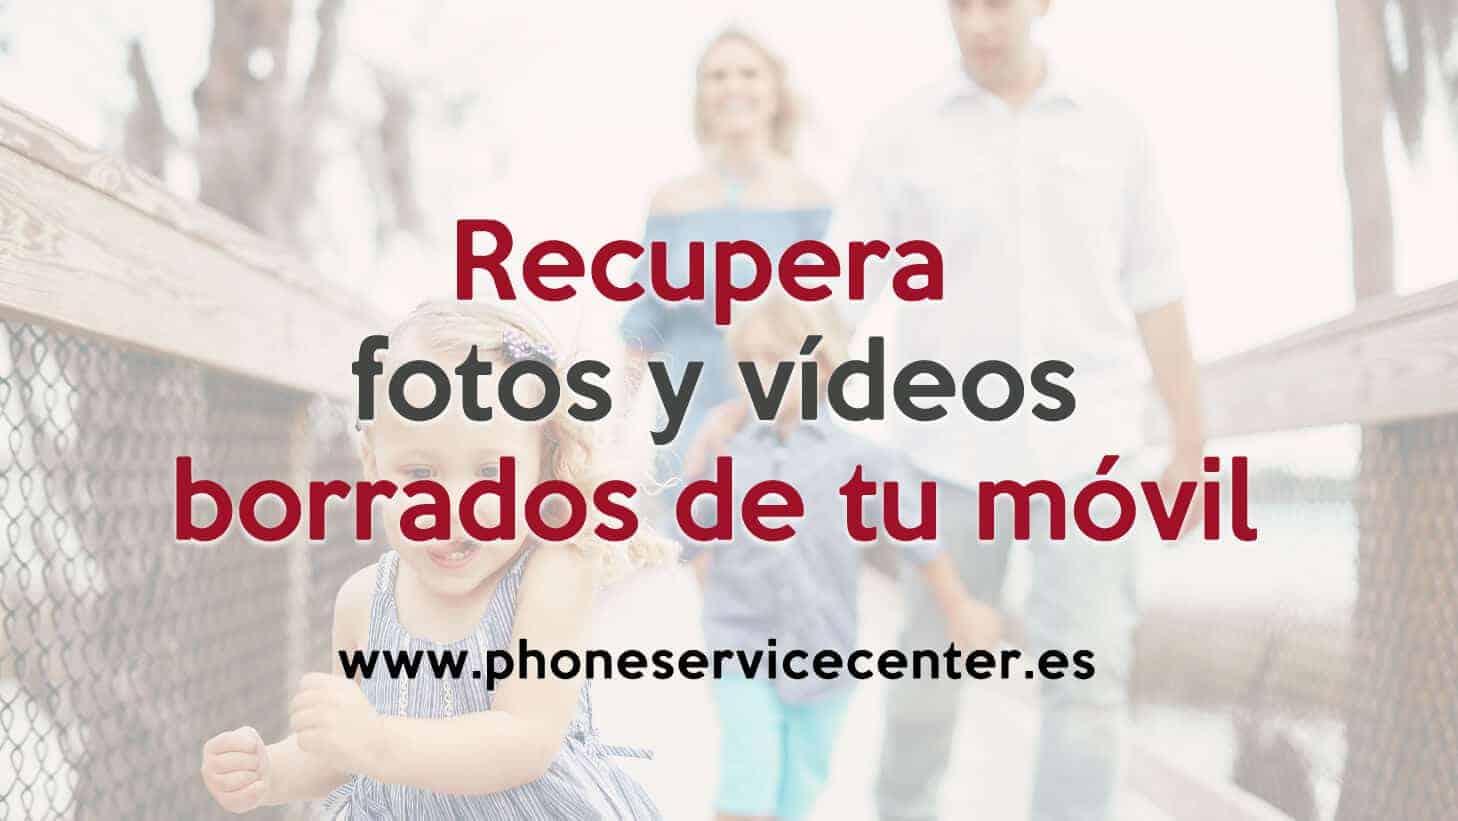 aplicación para recuperar fotos y vídeos borrado